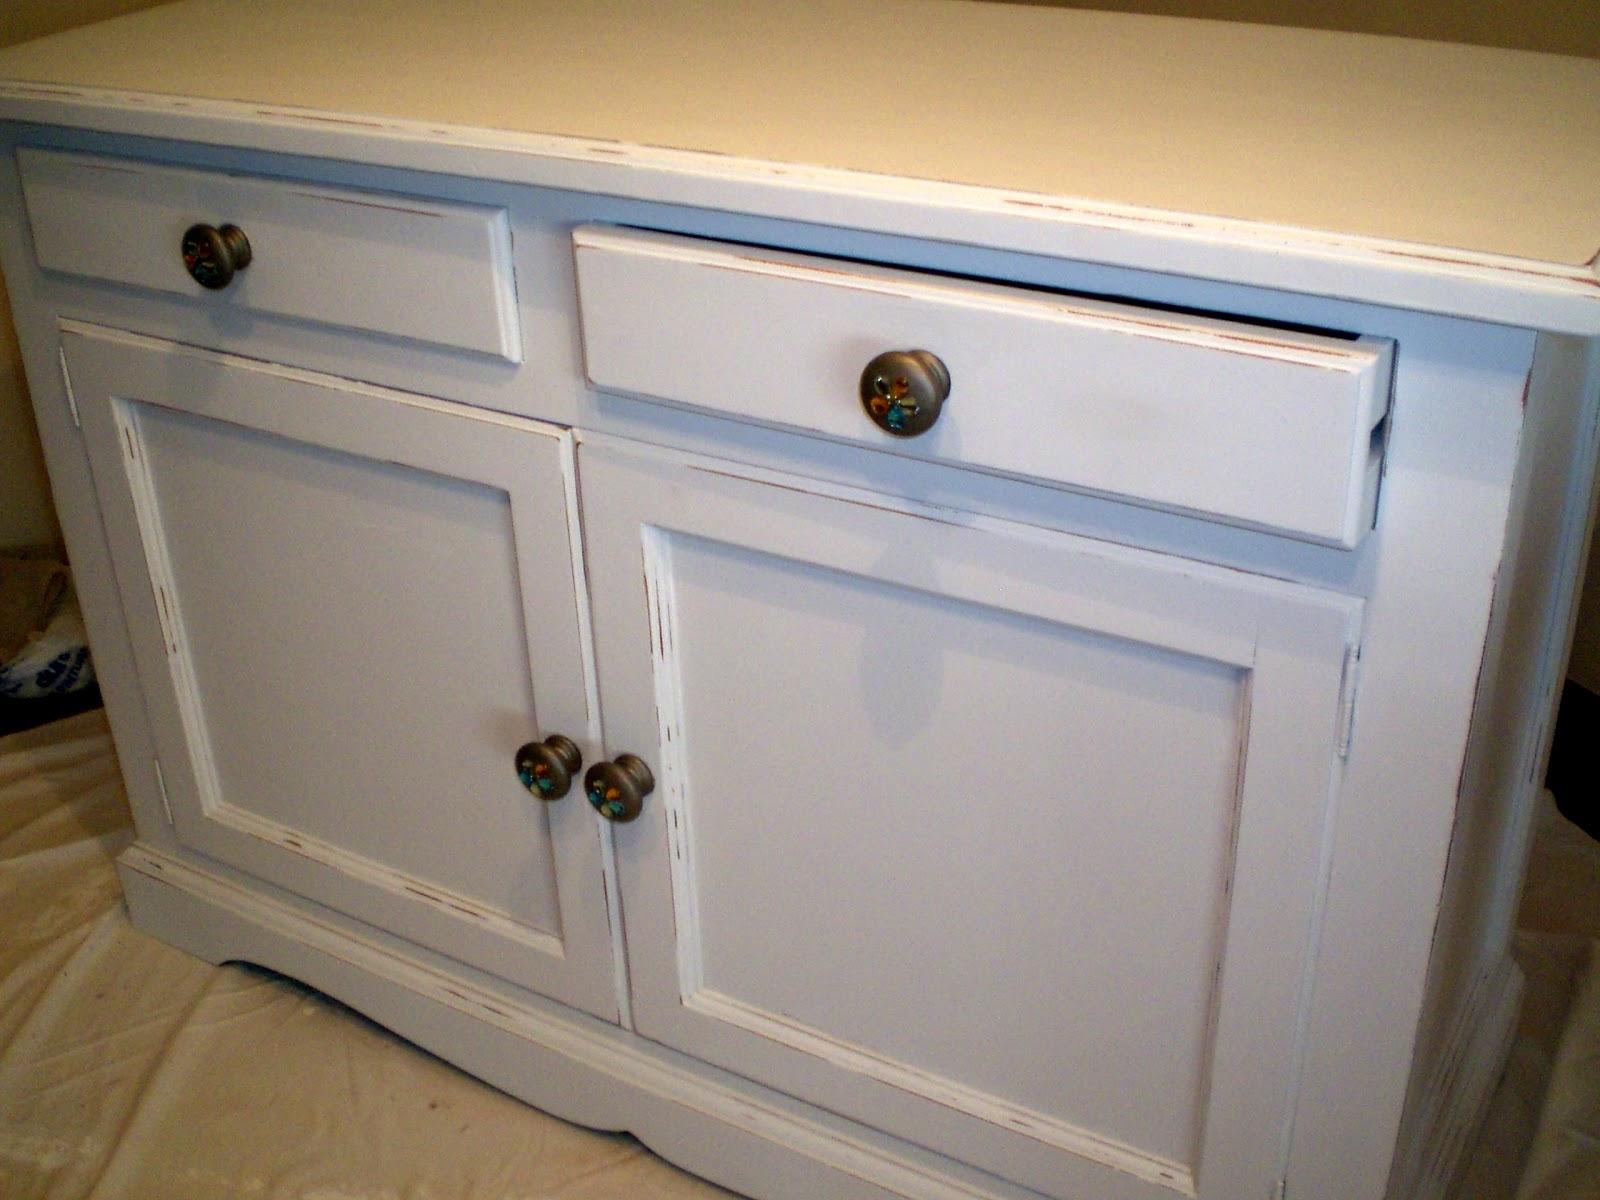 Cosas de xela cambio de look a un mueble for Cambiar el aspecto de un mueble de salon